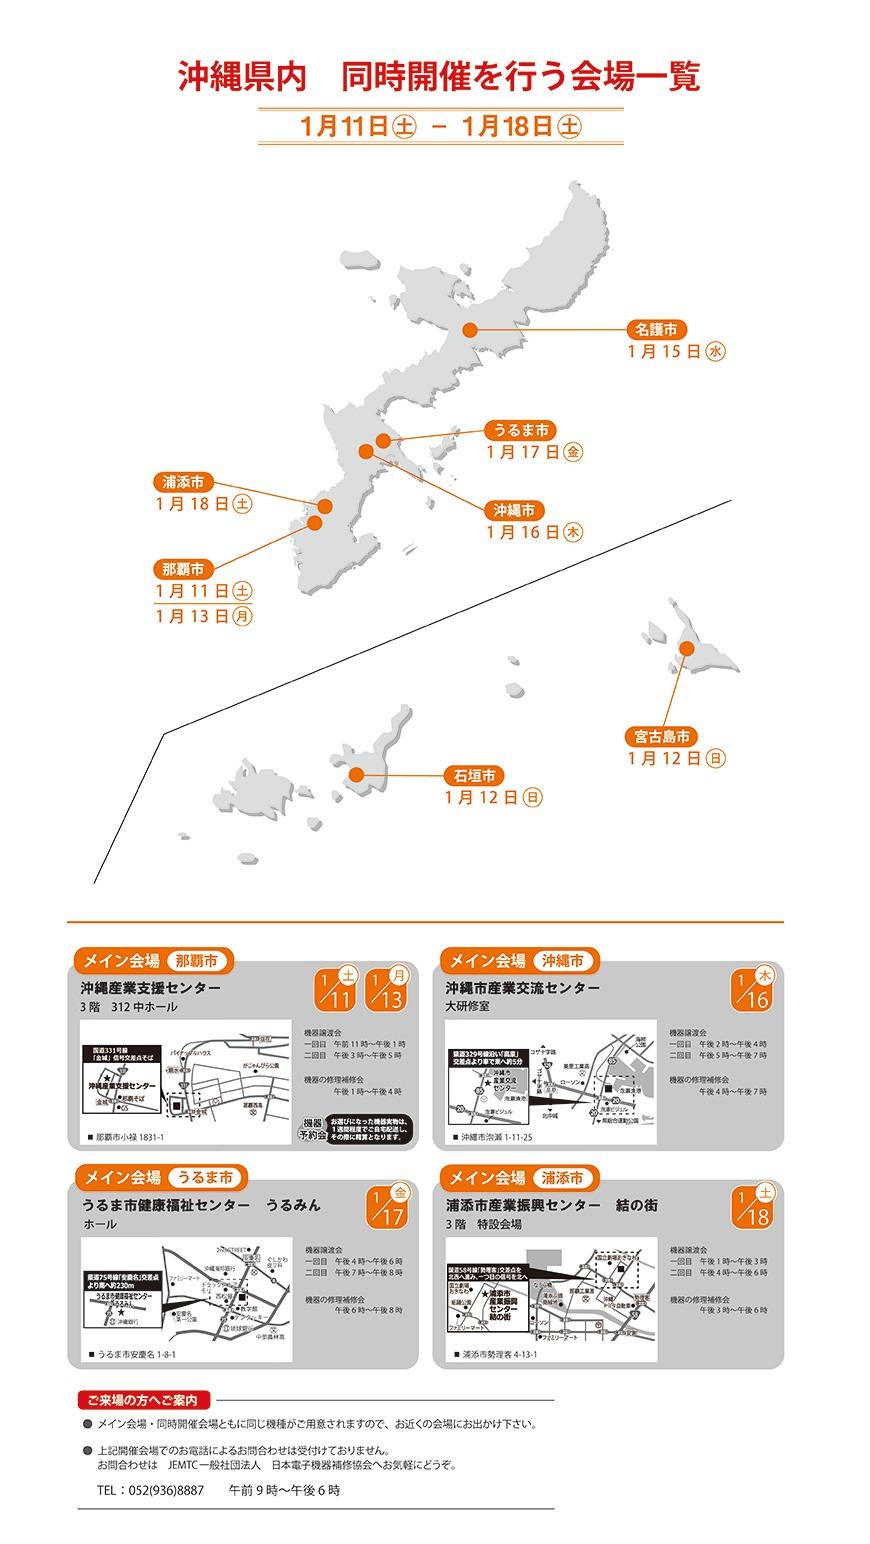 ジェムテクノートパソコン有償譲渡会in沖縄_他開催会場